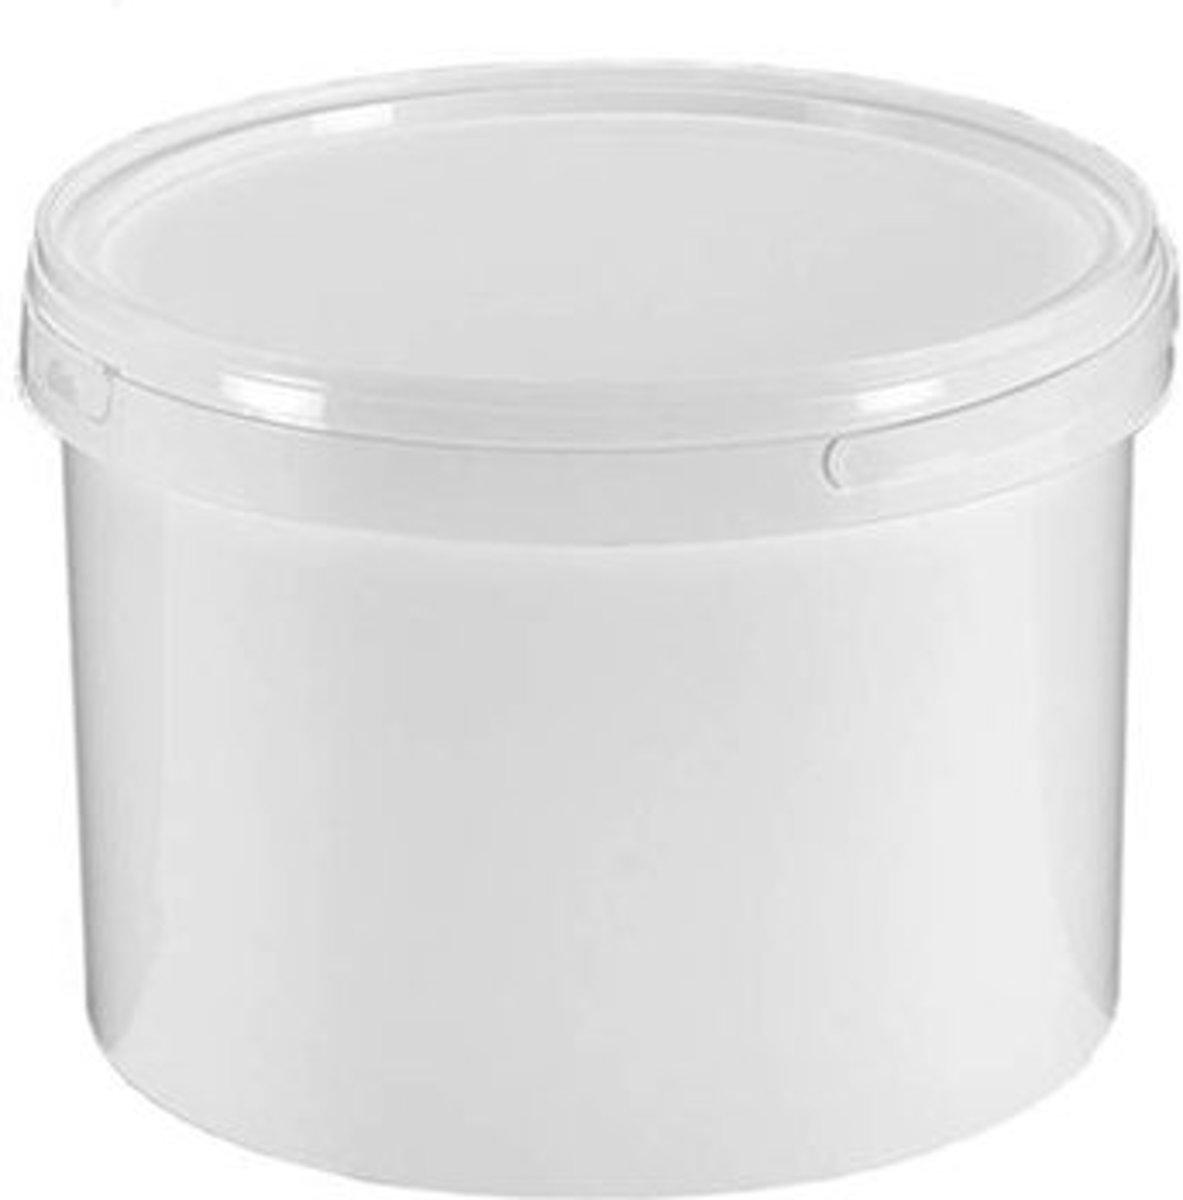 Witte emmer 3,3 liter, Ø199mm. met deksel. 150 stuks kopen